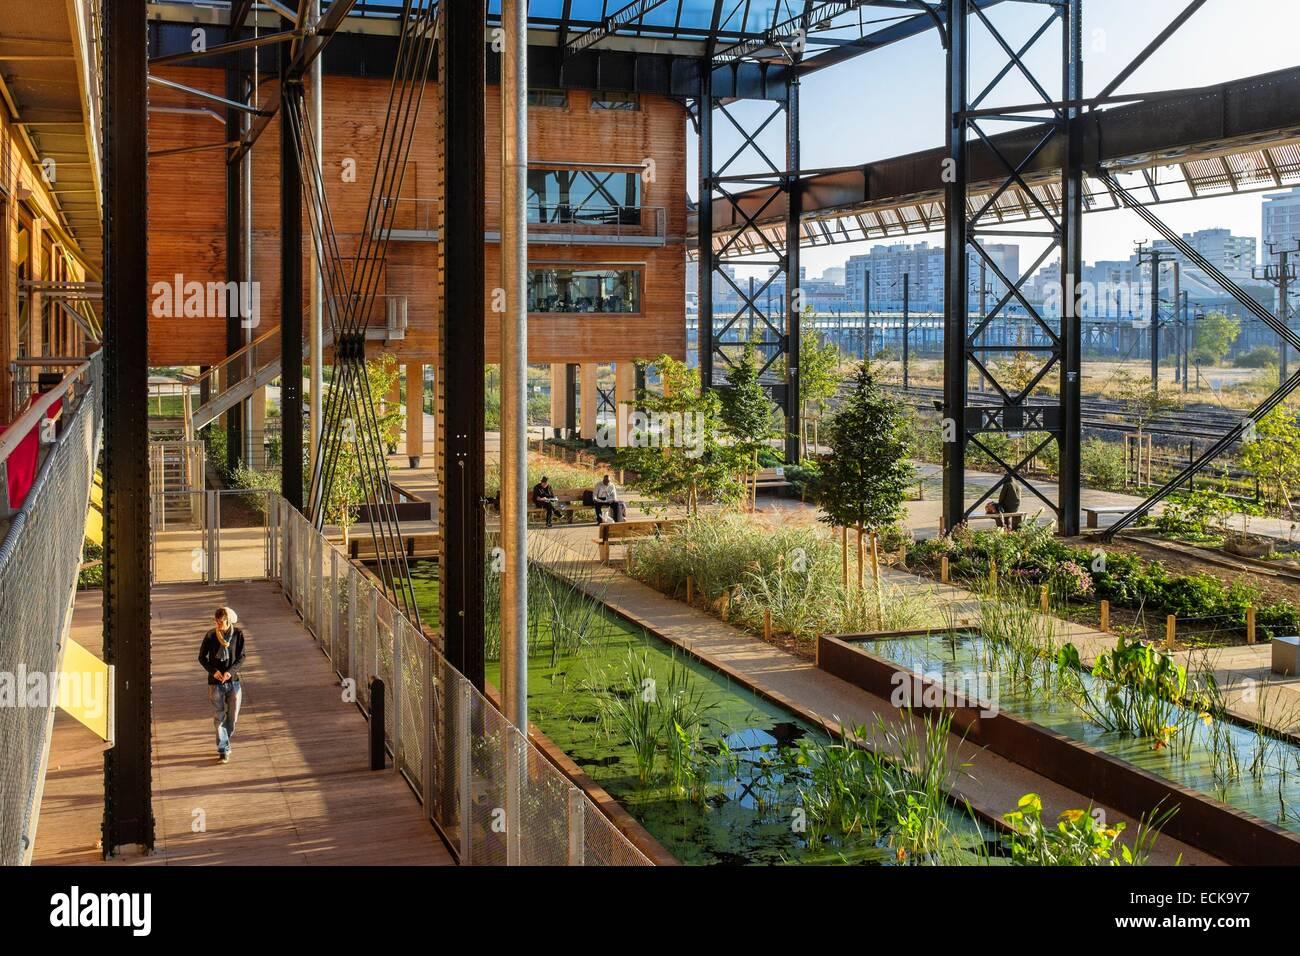 Francia, Paris, Halle Pajol, edificio energía positiva, produce su electricidad con 3500 m2 de paneles fotovoltaicos, Imagen De Stock